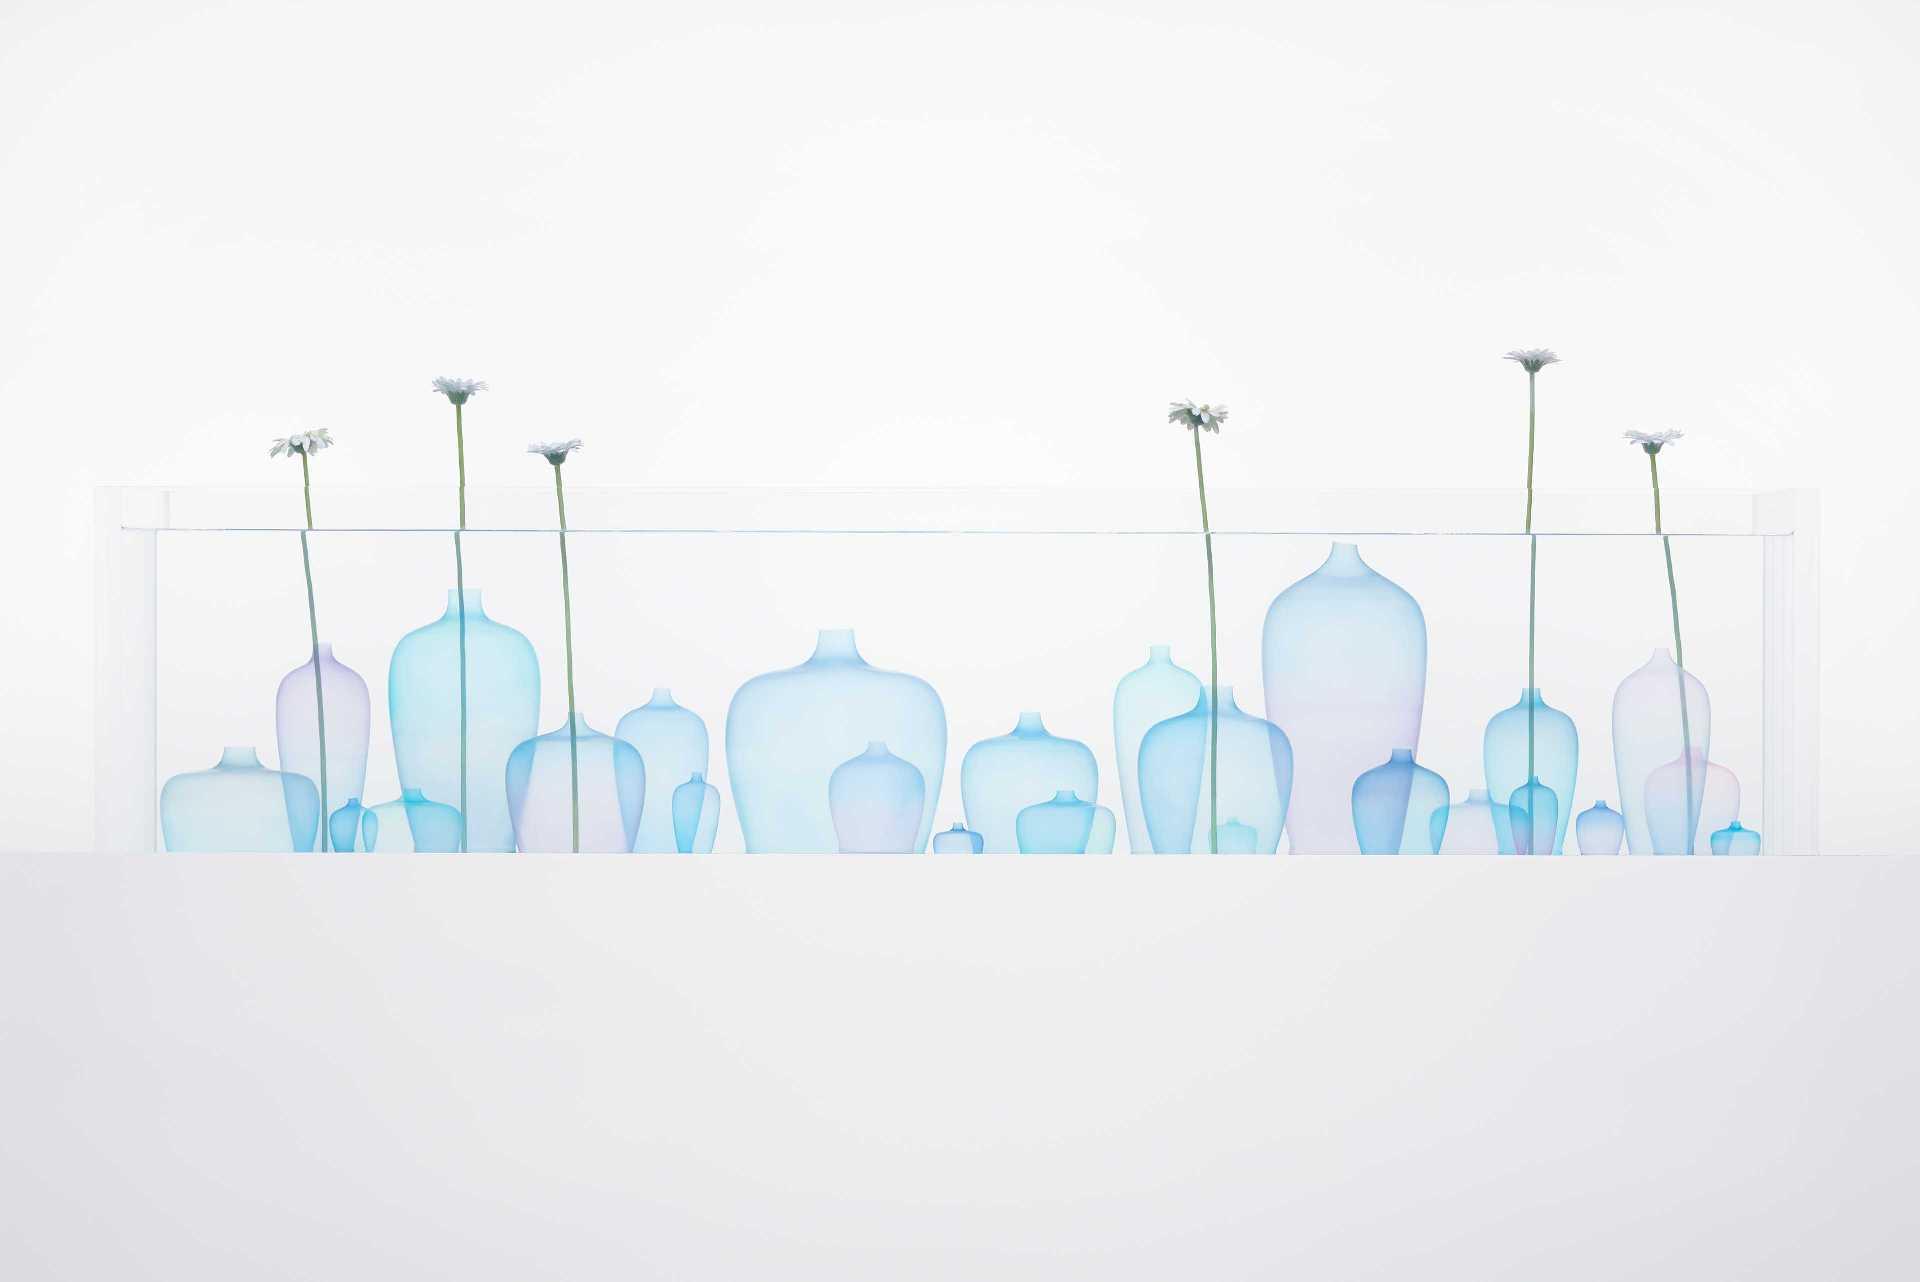 TOP 5: Milan Design Week  - jellyfish vase10 akihiro yoshida 33